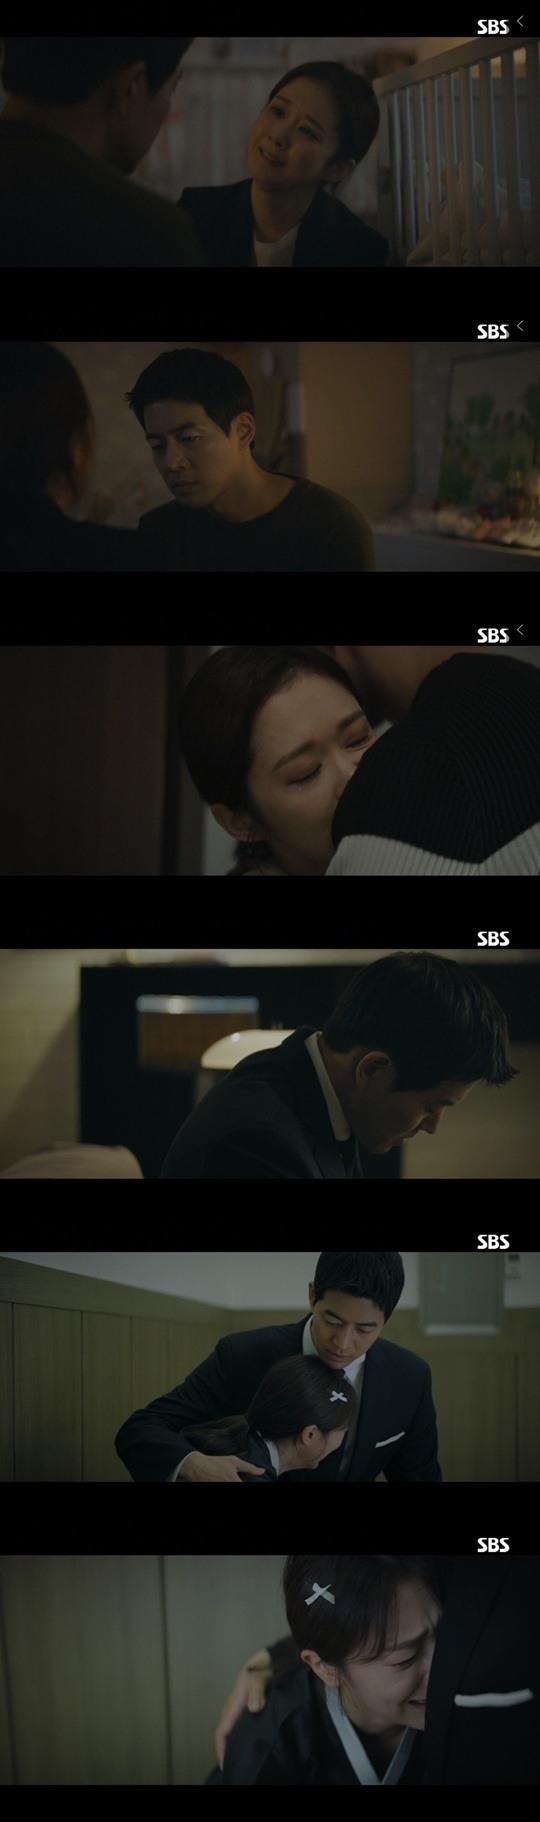 新韩剧《99亿的女人》热力开播!青龙影后赵茹珍剧中出轨还被家暴简直太狗血